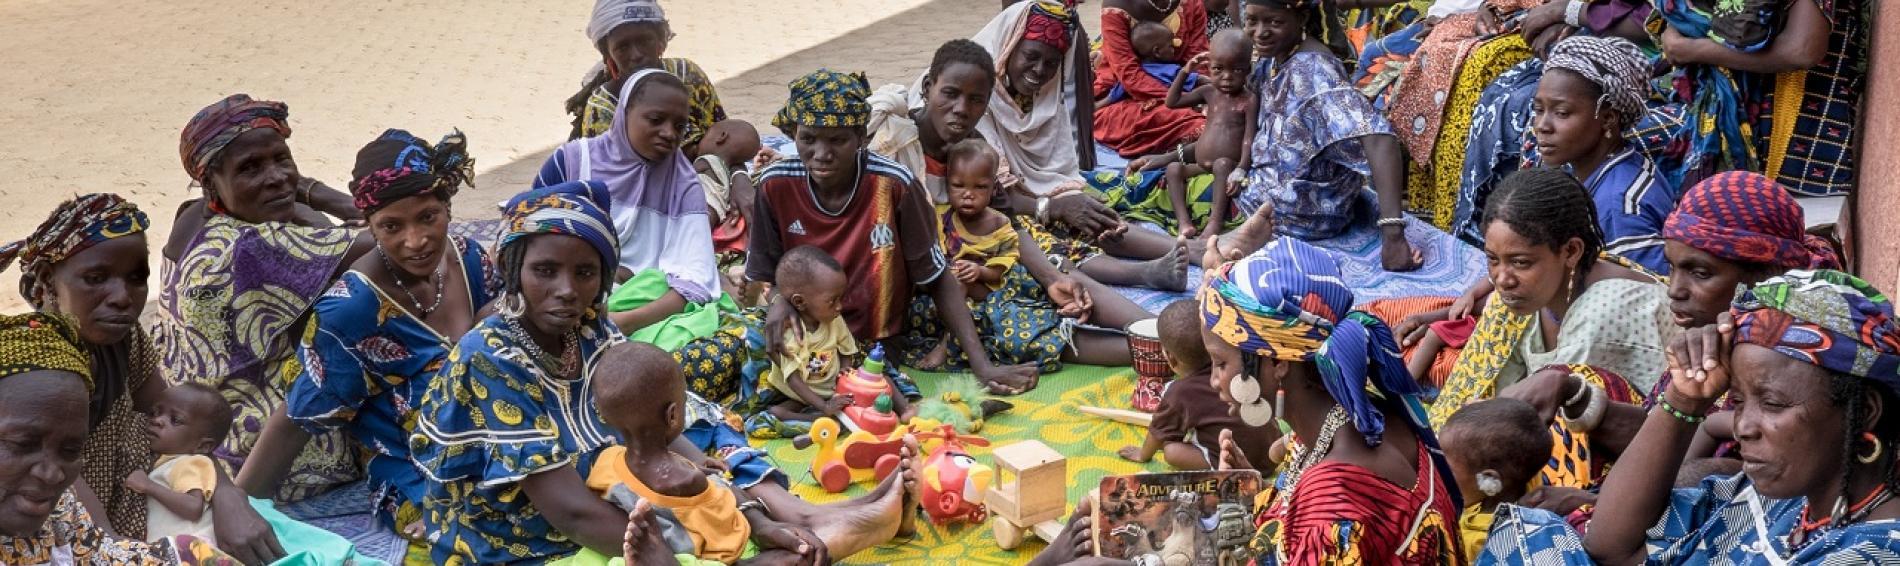 mujeres niñas y niños en Burkina Faso